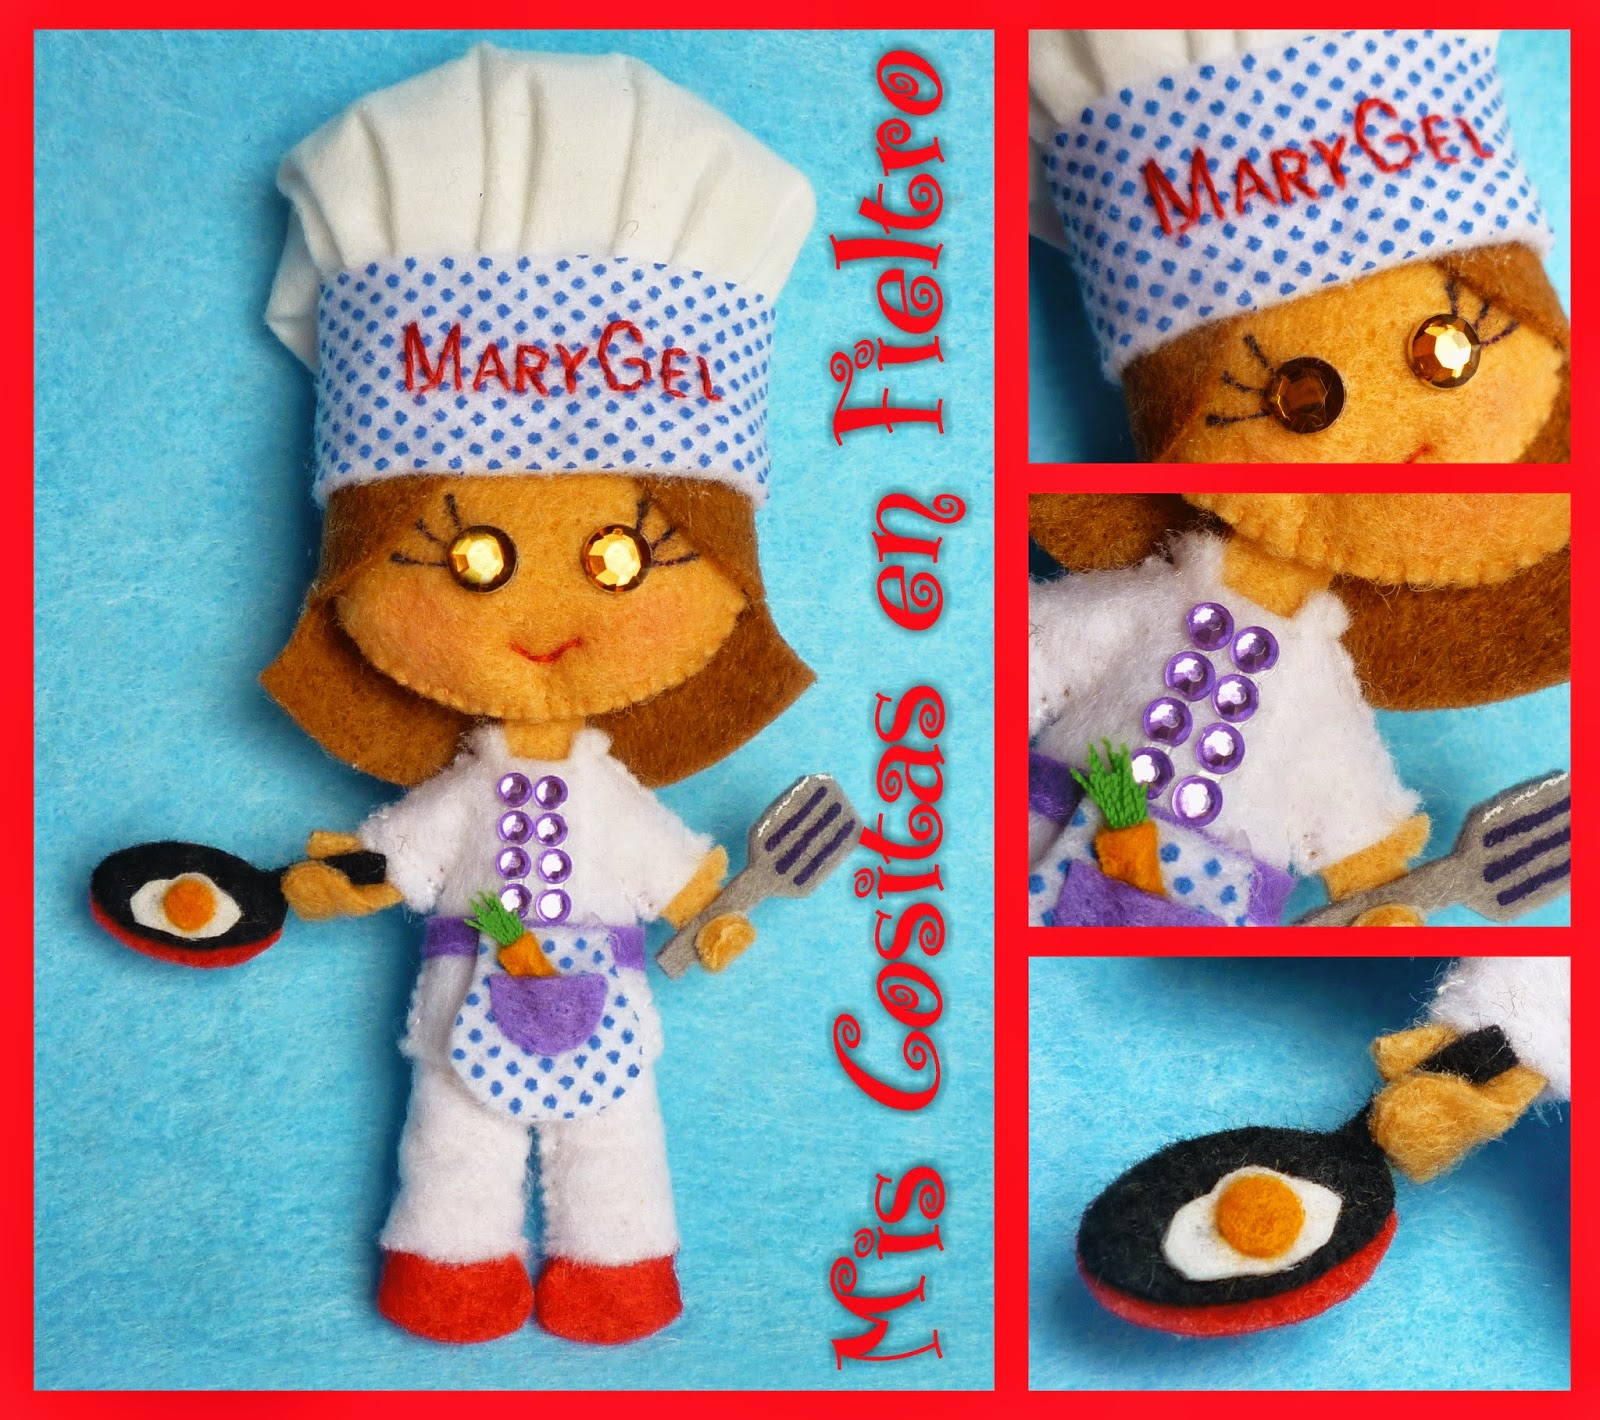 Broche de fieltro, broche en fieltro, fieltro broche, cocinera en fieltro, cocinera fieltro, cocinera de fieltro, fieltro cocinera, broche de fieltro cocinera, monigota, cociñeiro, cocinheira, cook doll